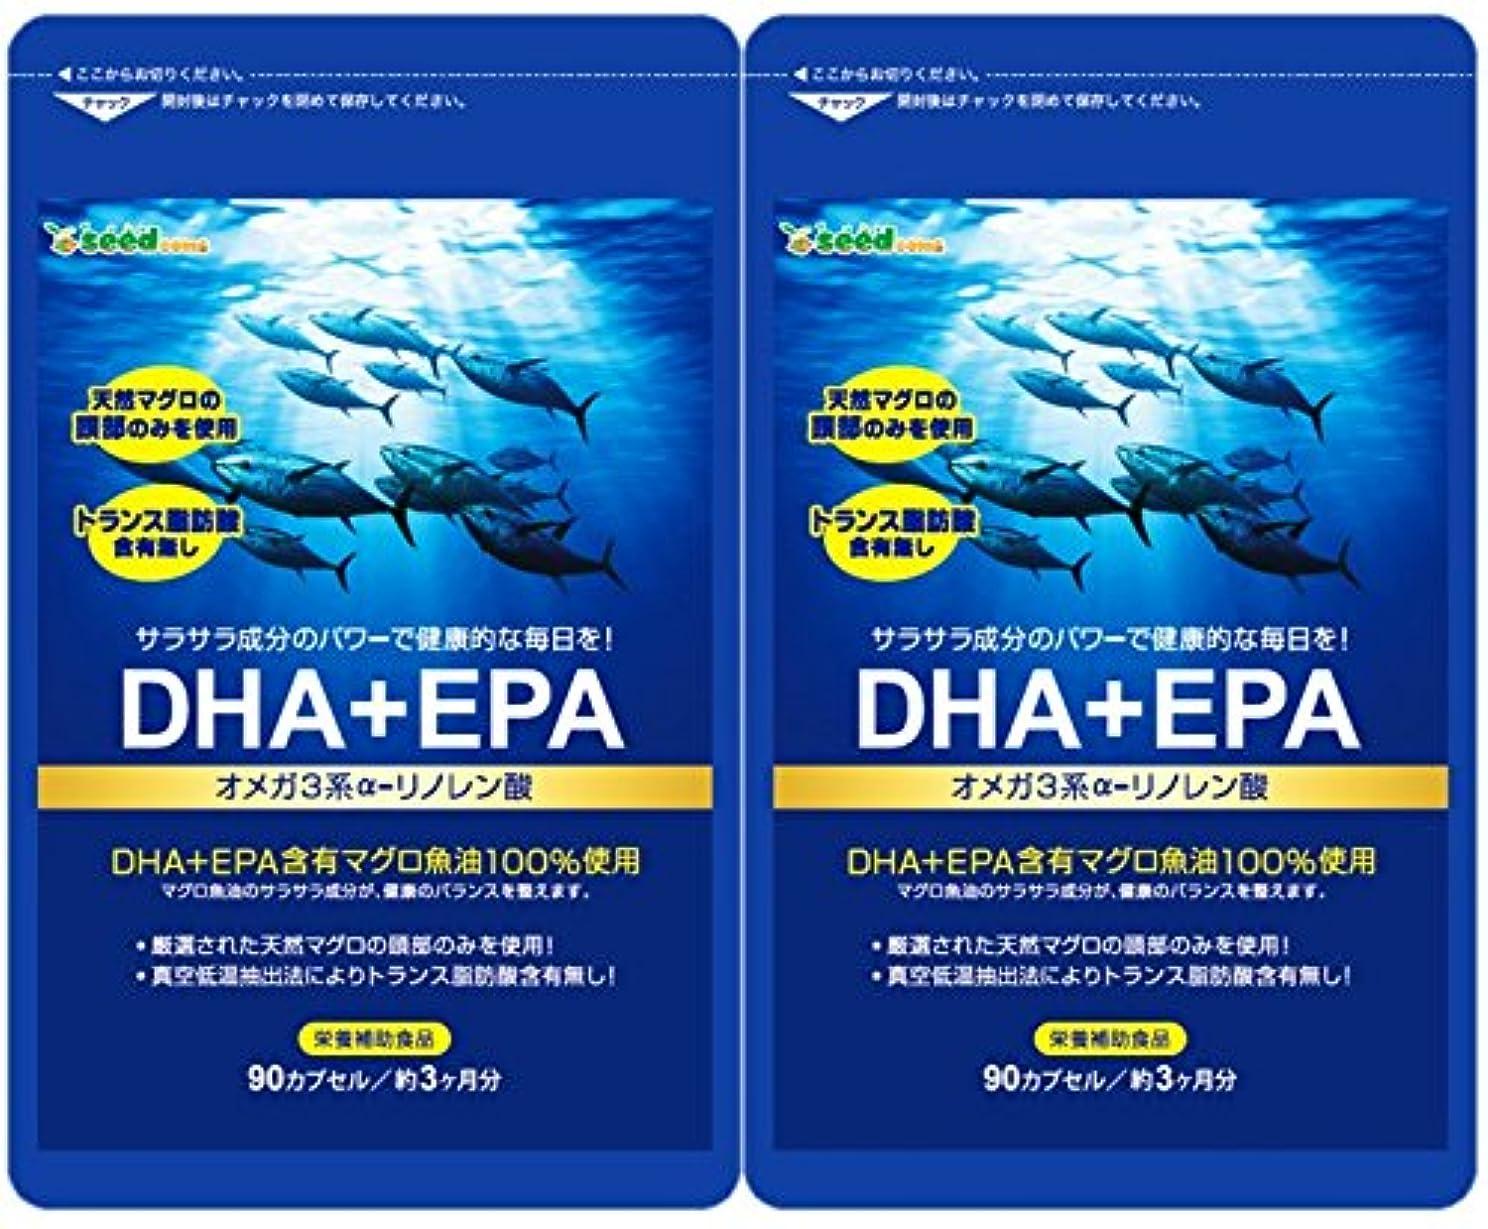 雑草現実量【 seedcoms シードコムス 公式 】DHA + EPA (約6ヶ月分/180粒) トランス脂肪酸 0mg ビンチョウマグロの頭部のみを贅沢に使用!